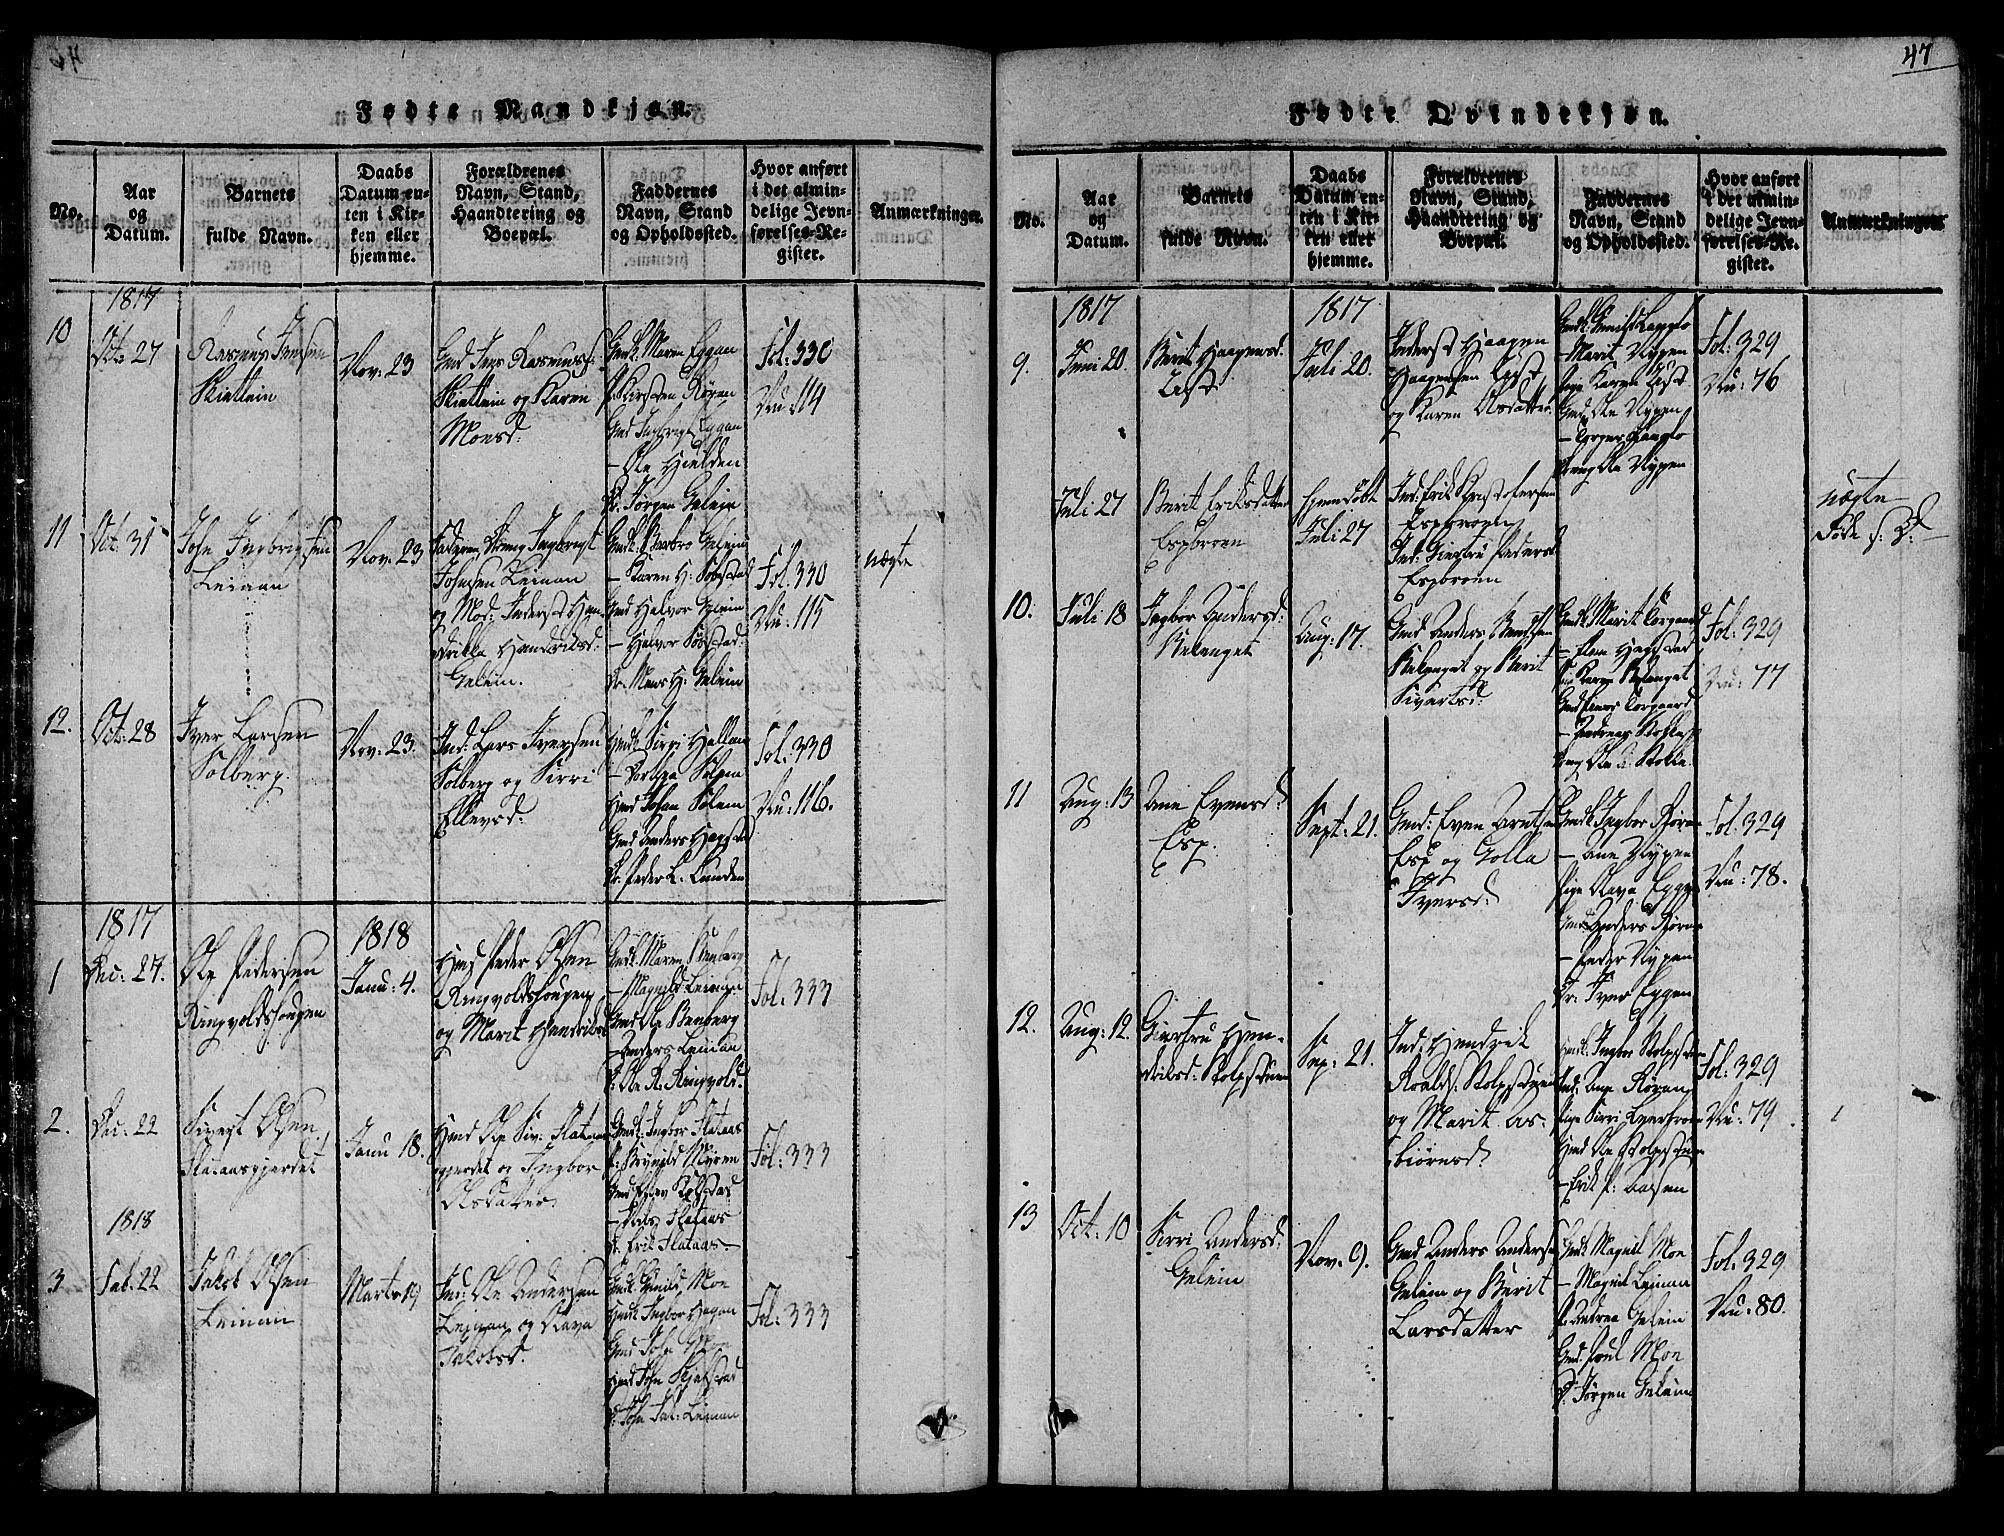 SAT, Ministerialprotokoller, klokkerbøker og fødselsregistre - Sør-Trøndelag, 691/L1067: Ministerialbok nr. 691A03 /3, 1816-1826, s. 47